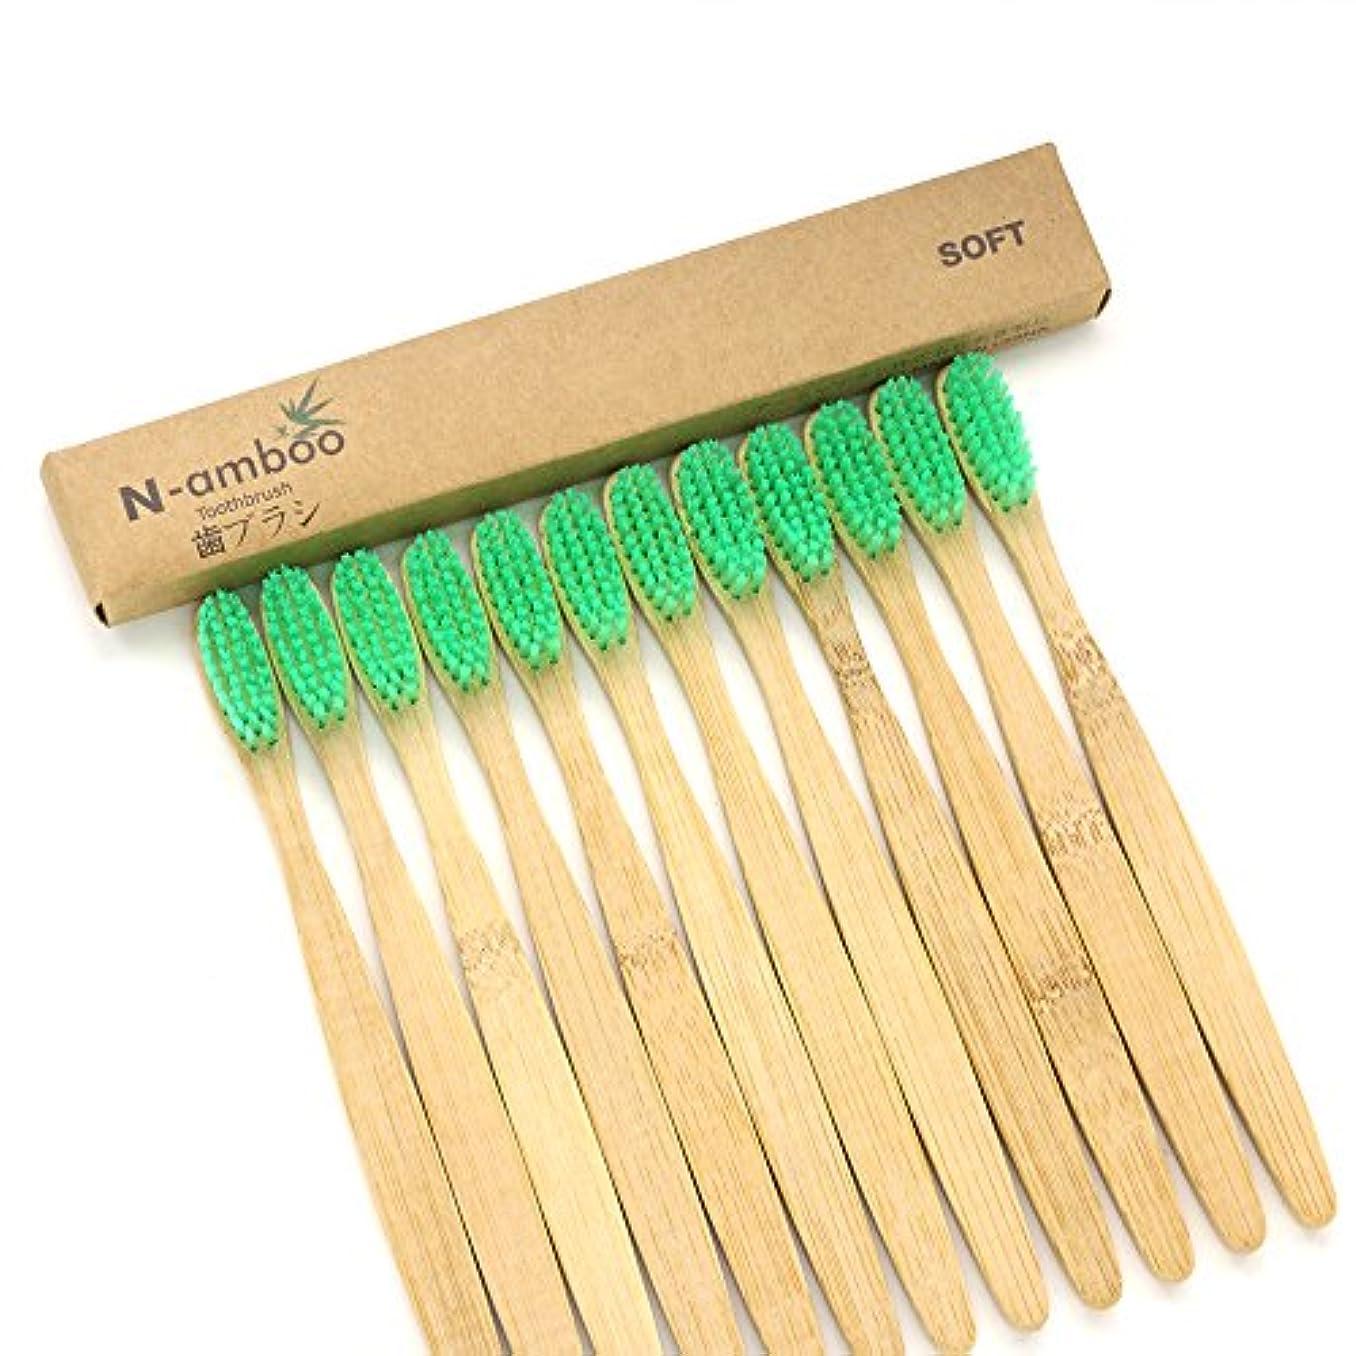 クランプ裏切り者コンドームN-amboo 竹製 歯ブラシ 高耐久性 セット エコ 軽量 12本入り 緑 セット